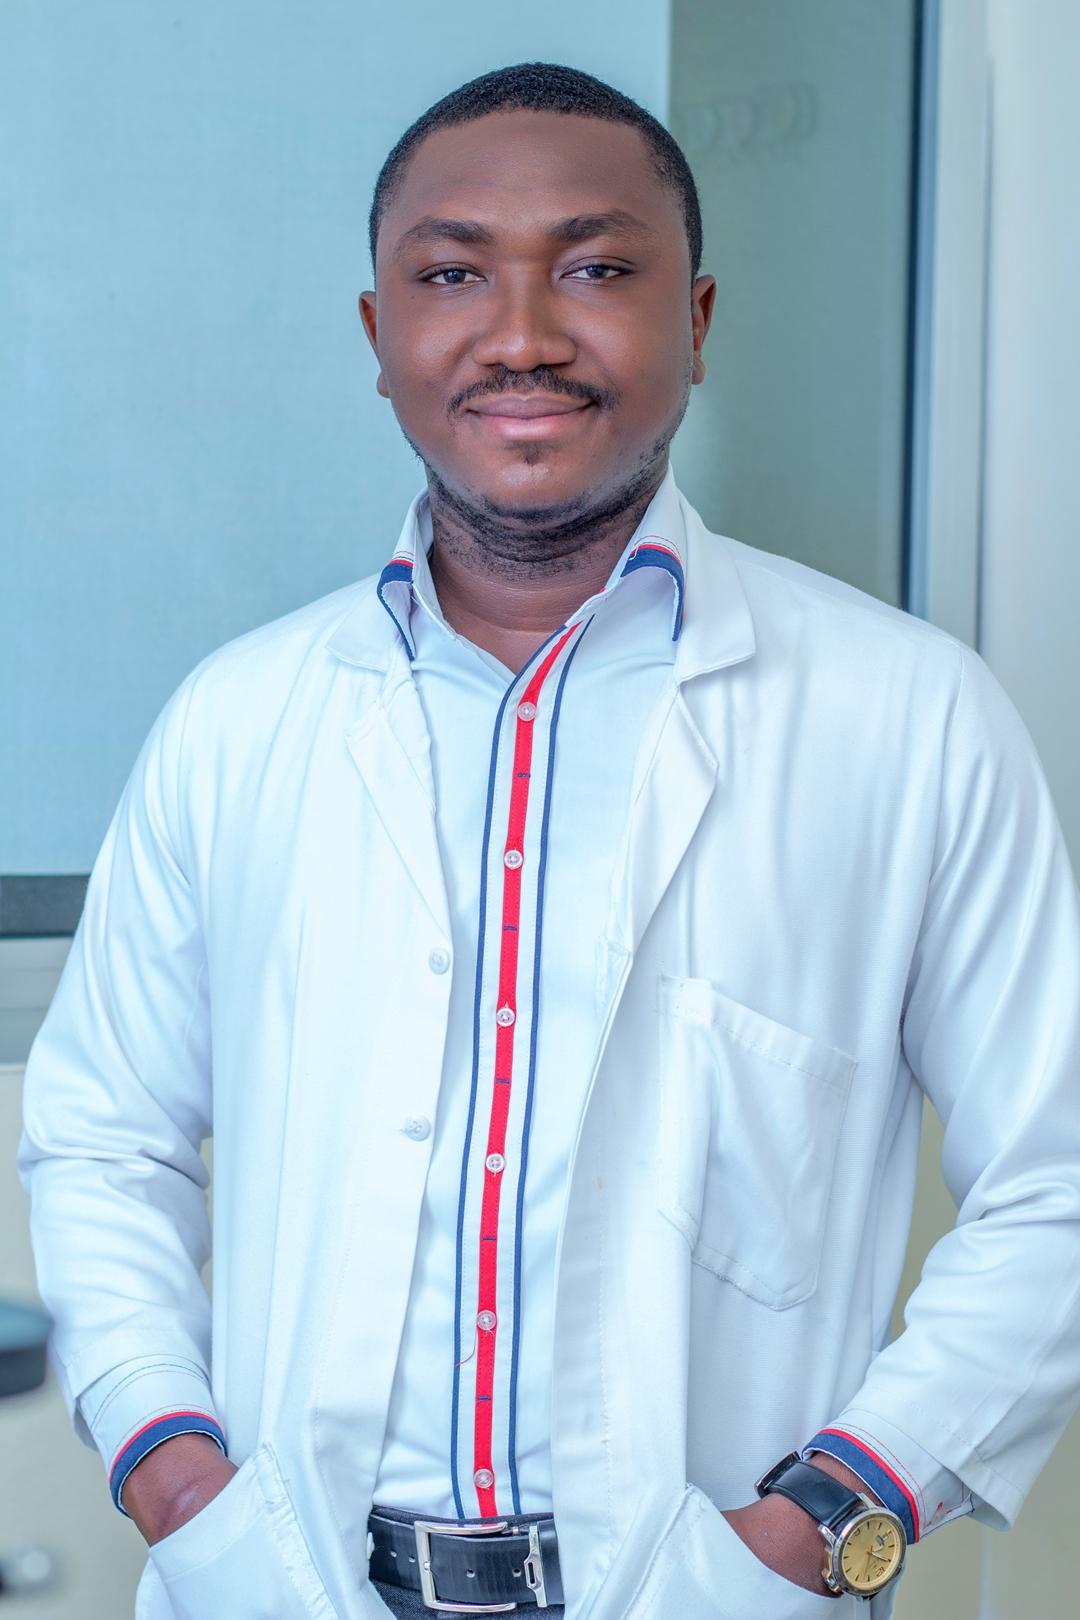 Dr. Daniel Antwi-Bosiako